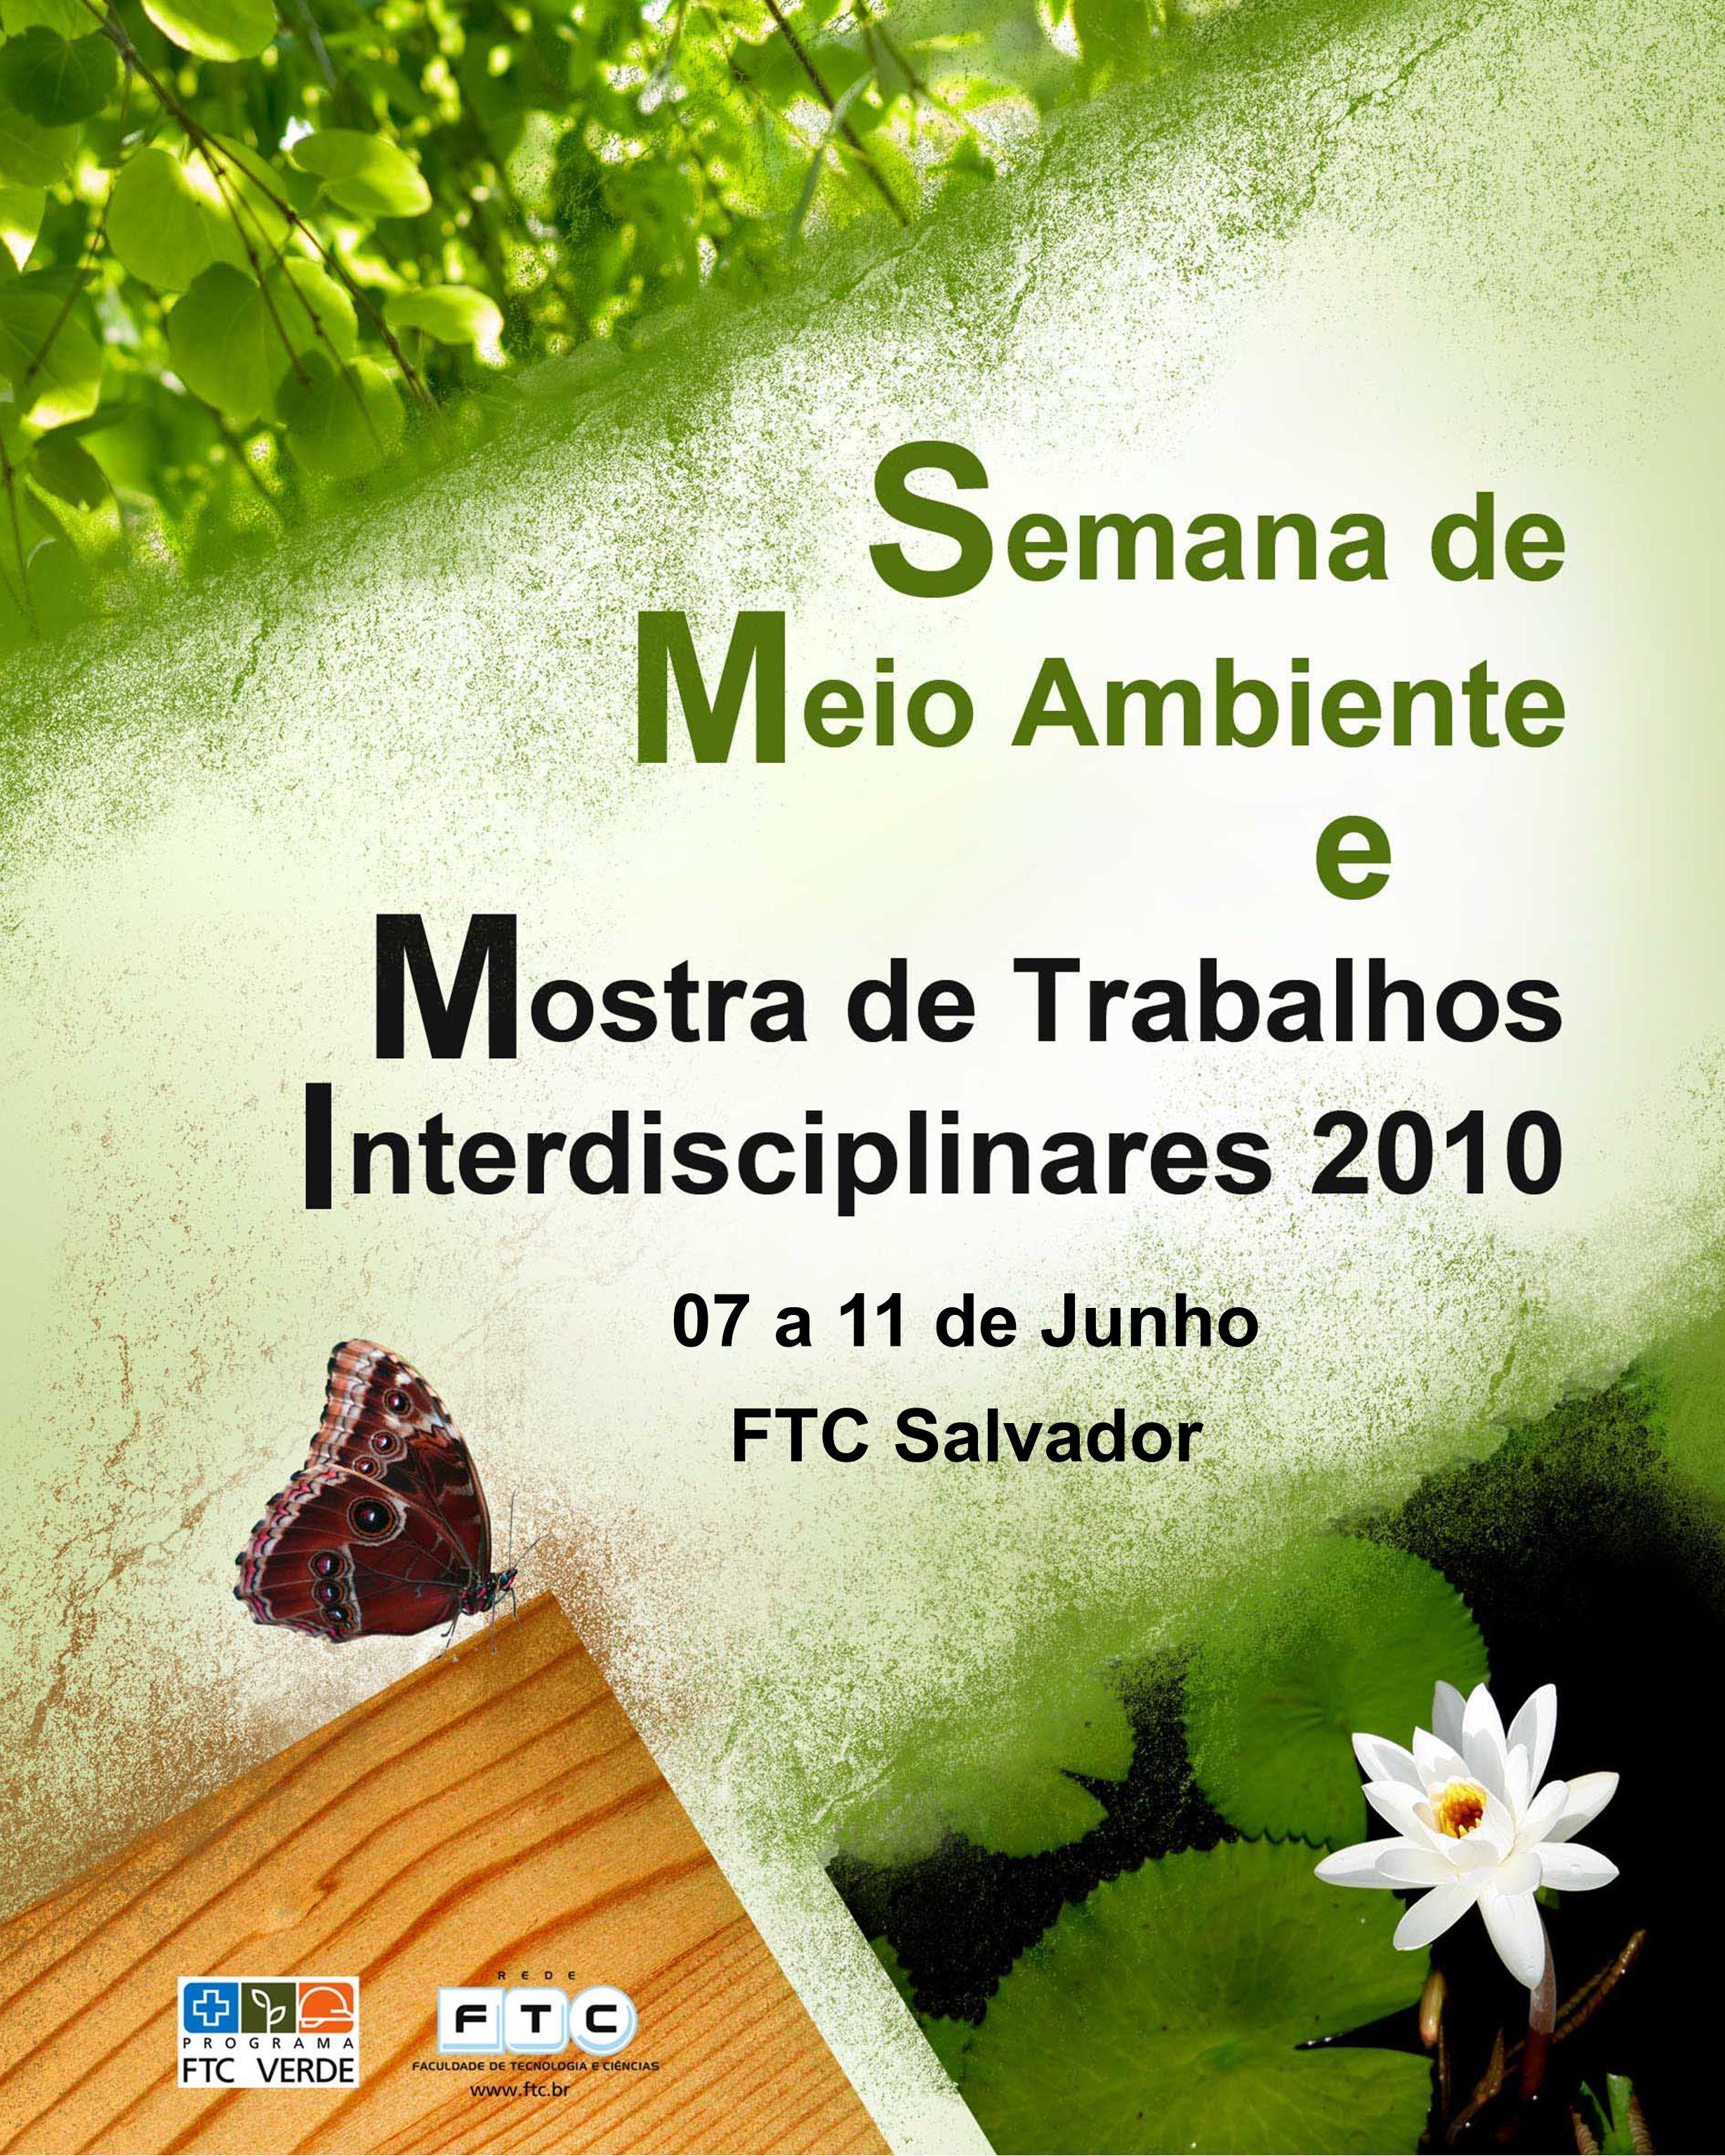 07 a 11 de Junho FTC Salvador